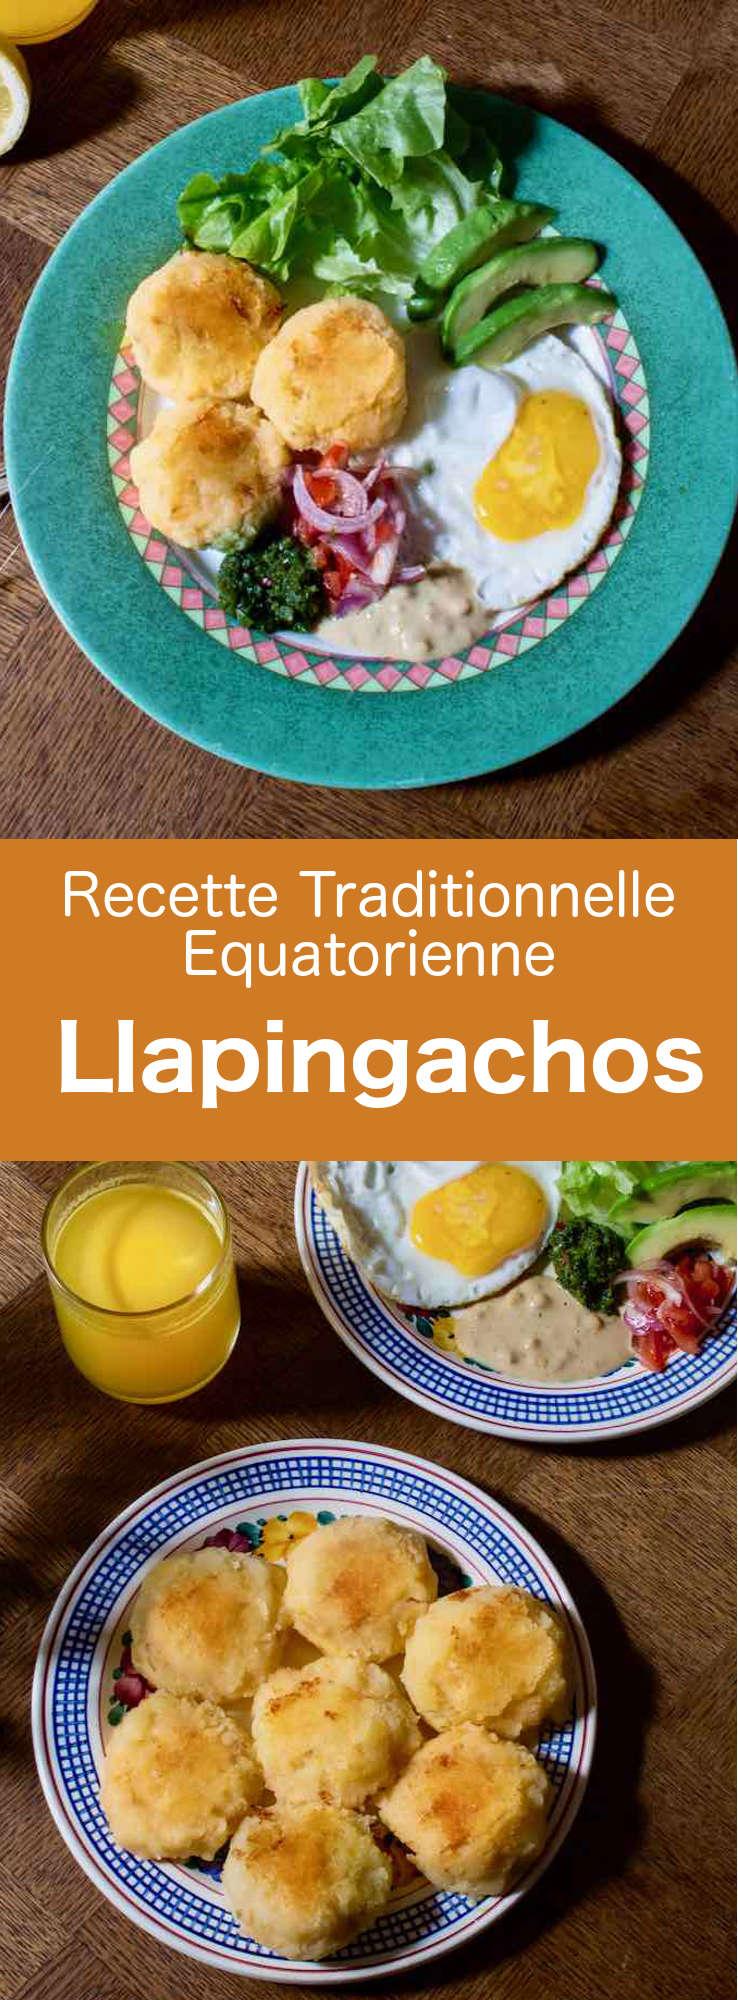 Les llapingachos sont des délicieuses galettes de pommes de terre écrasées avec du fromage fondu, qui sont populaires en Équateur ainsi qu'en Colombie. #Equateur #RecetteEquatorienne #CuisineEquatorienne #AmeriqueLatine #CuisineDuMonde #196flavors